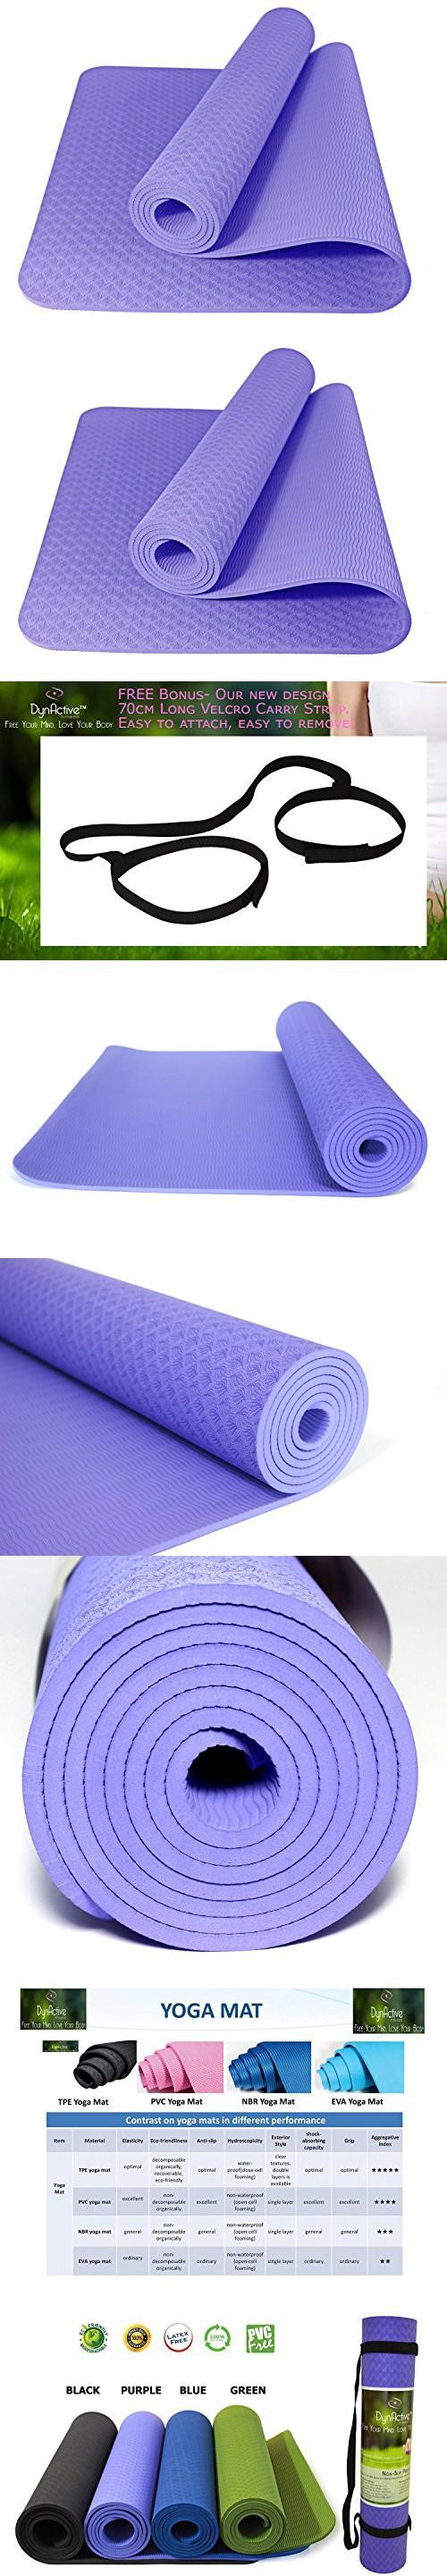 Pin On Yoga Mats